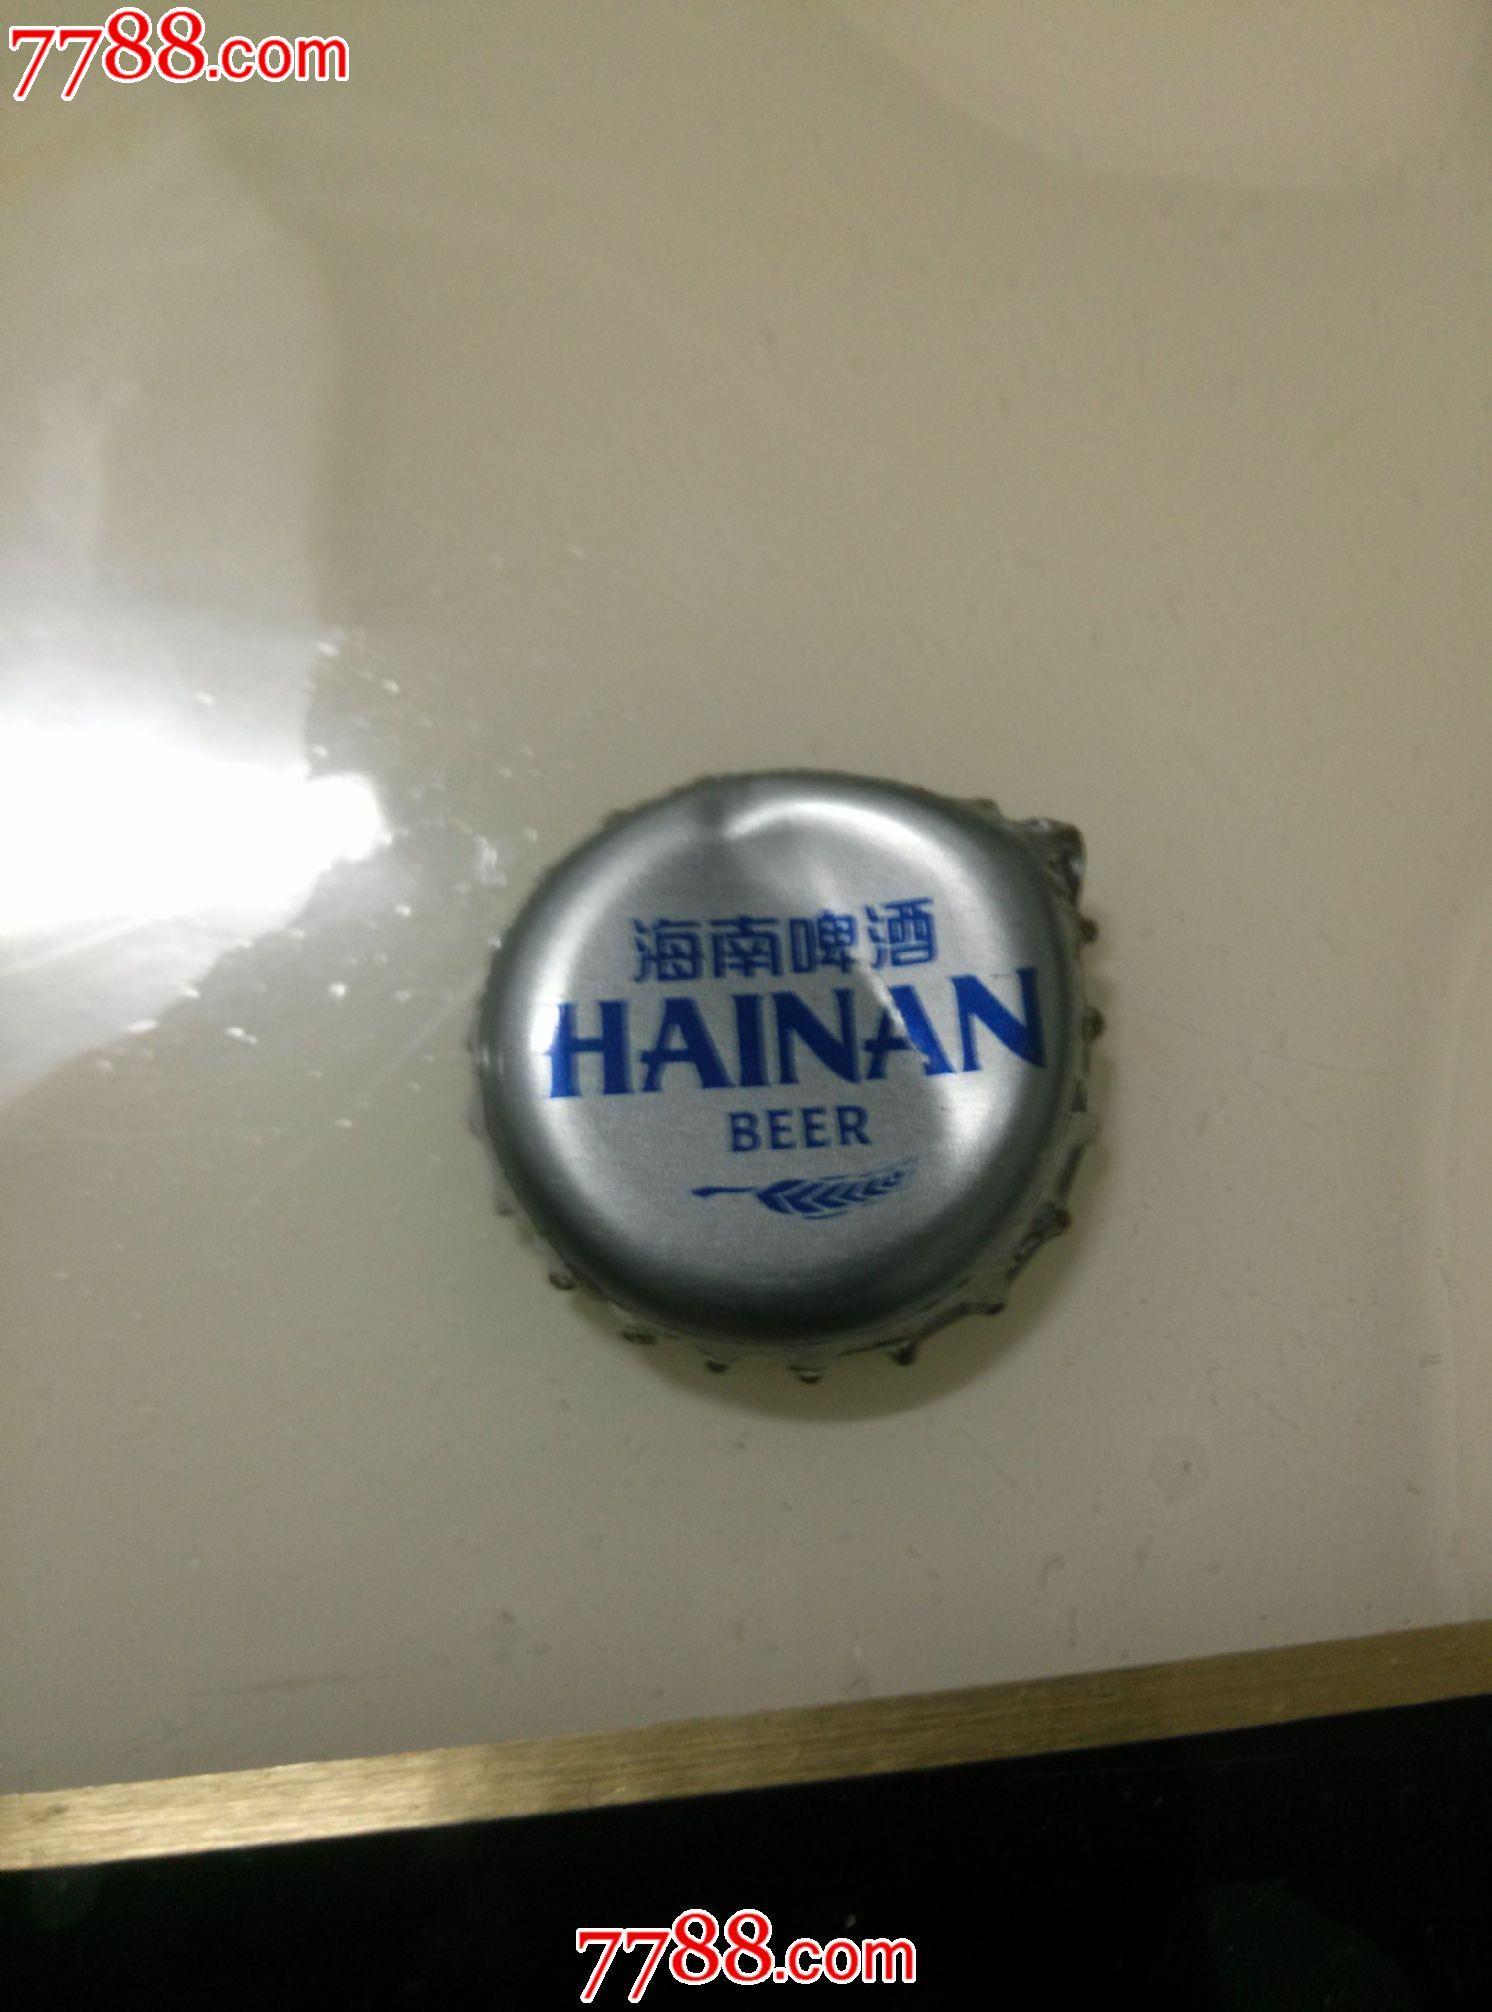 啤酒瓶盖_价格5元_第1张